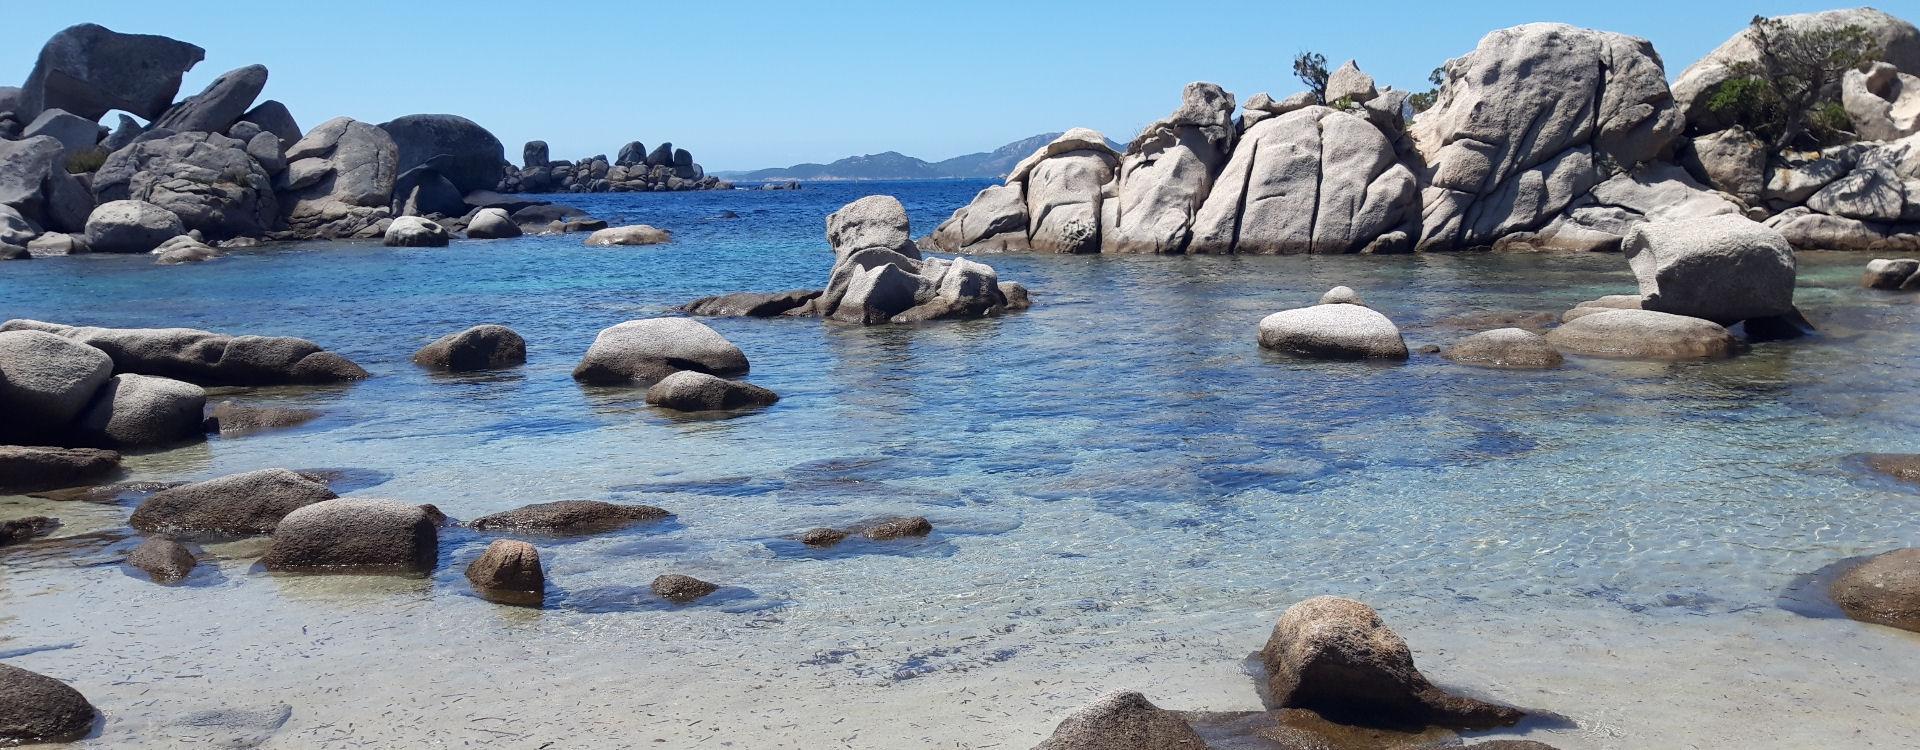 mer-translucide-rochers